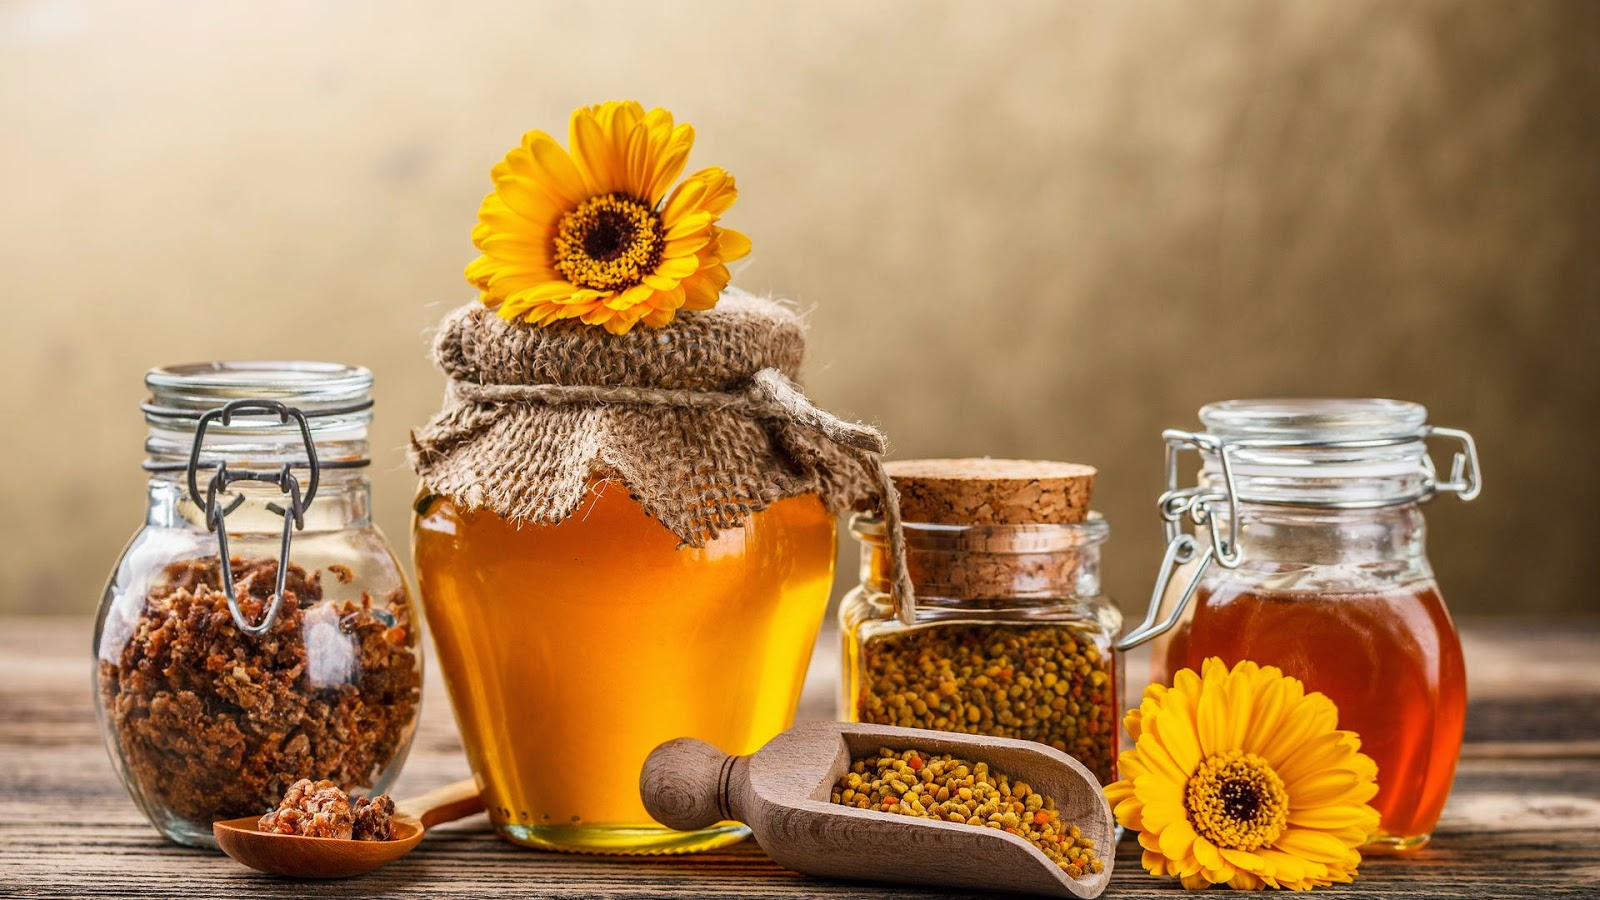 Фото - «Домашний доктор»: польза меда и применение пчелиных продуктов